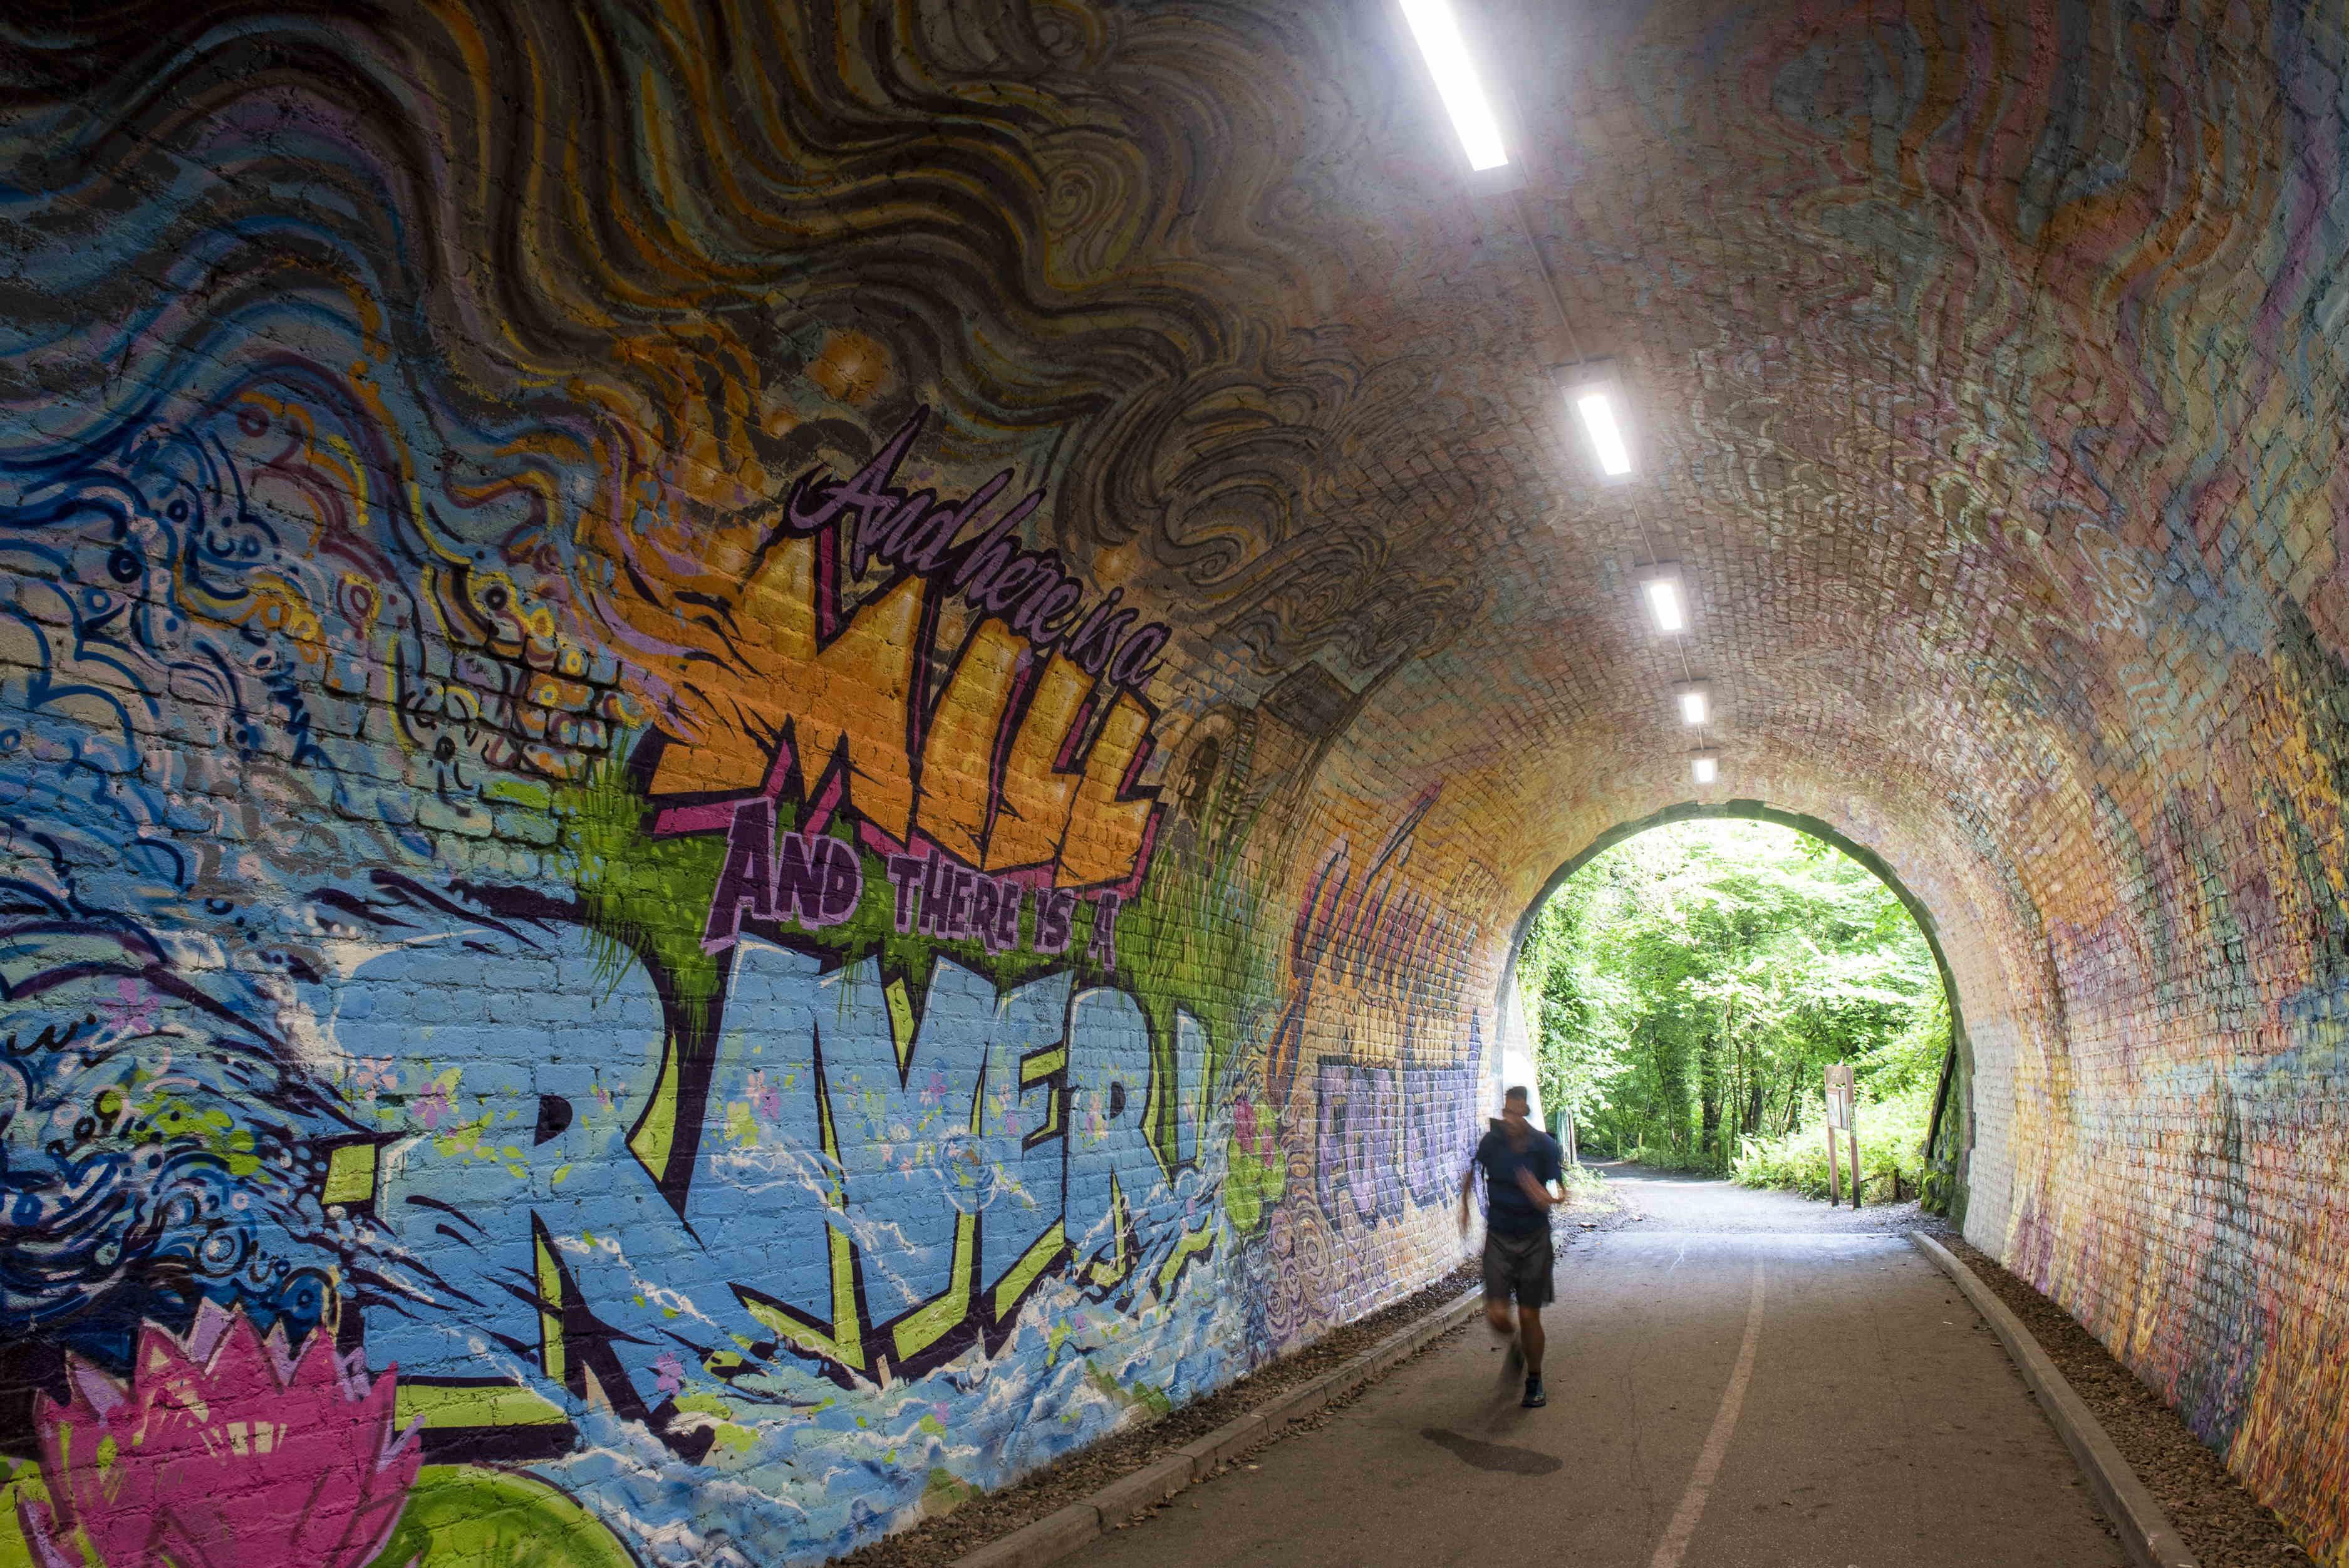 Colinton Tunnel - Titan (8)